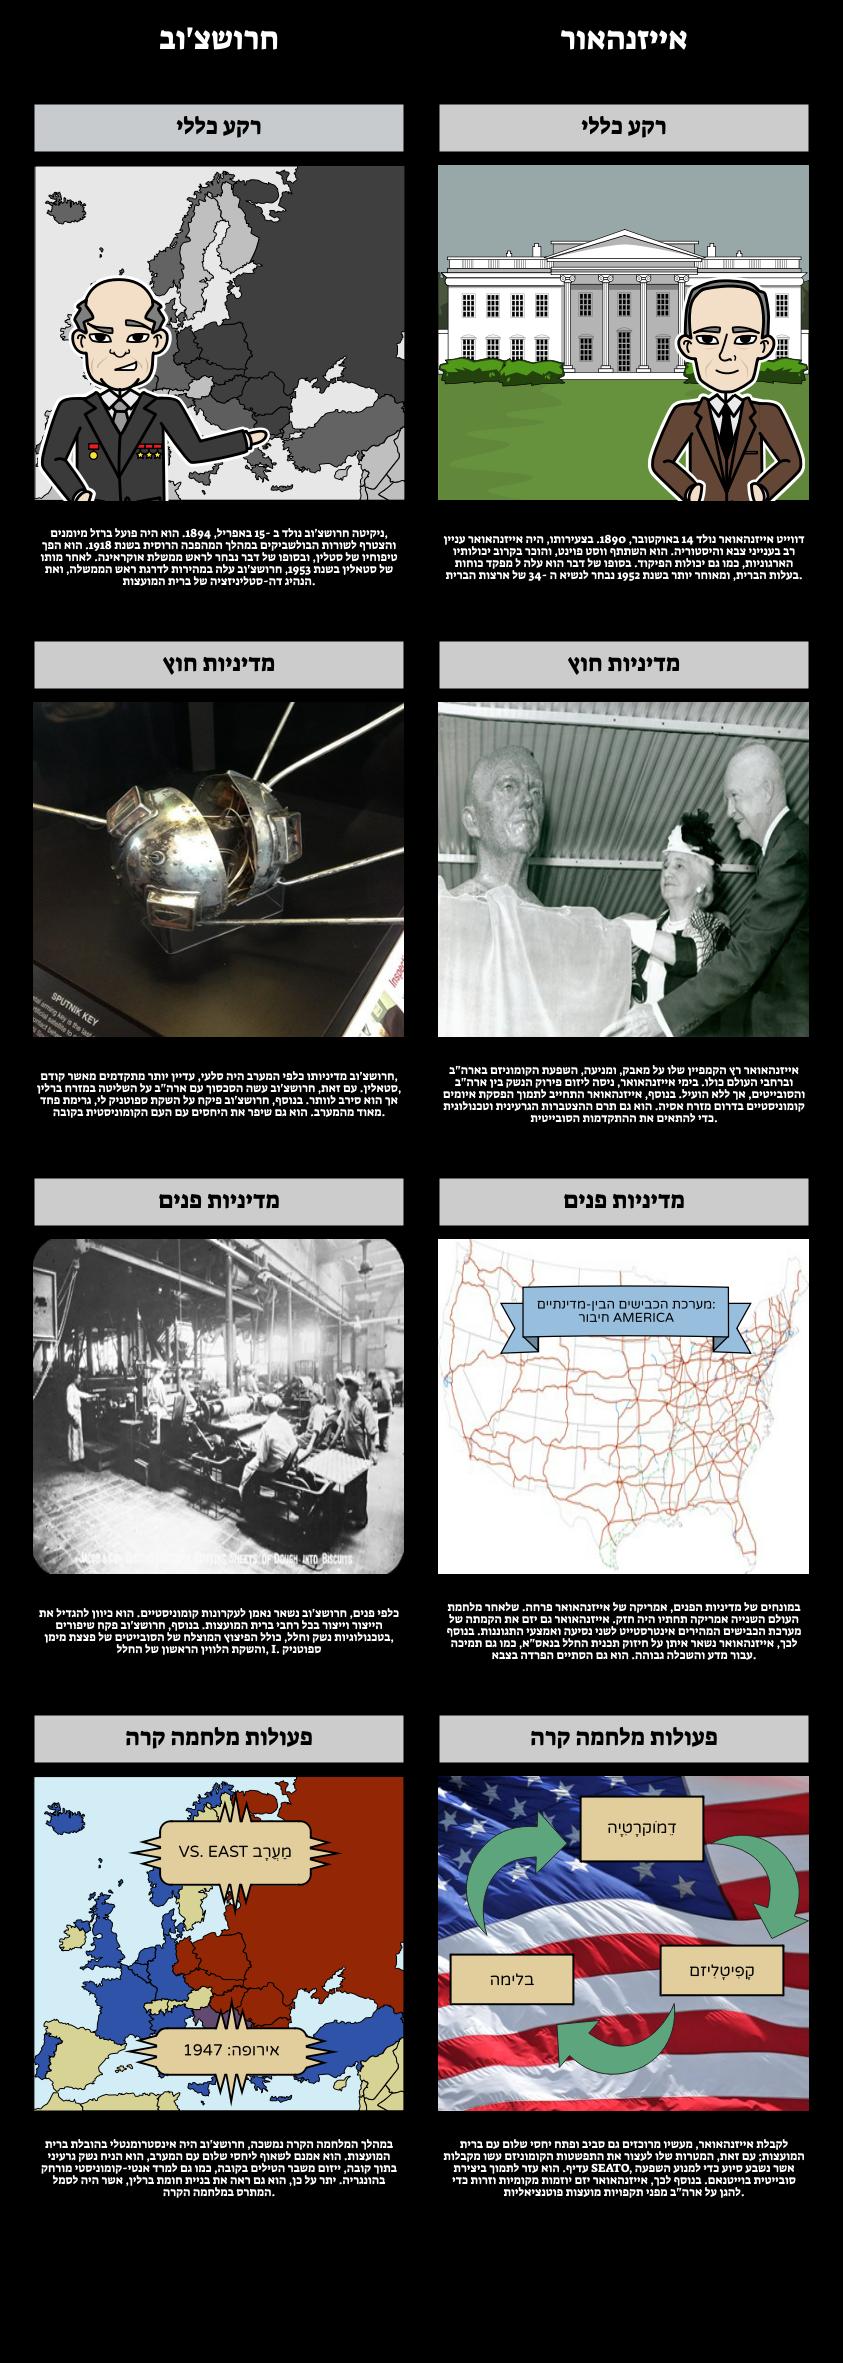 חרושצ'וב לעומת אייזנהאואר - מנהיגי מעצמה העולה במלחמה הקרה